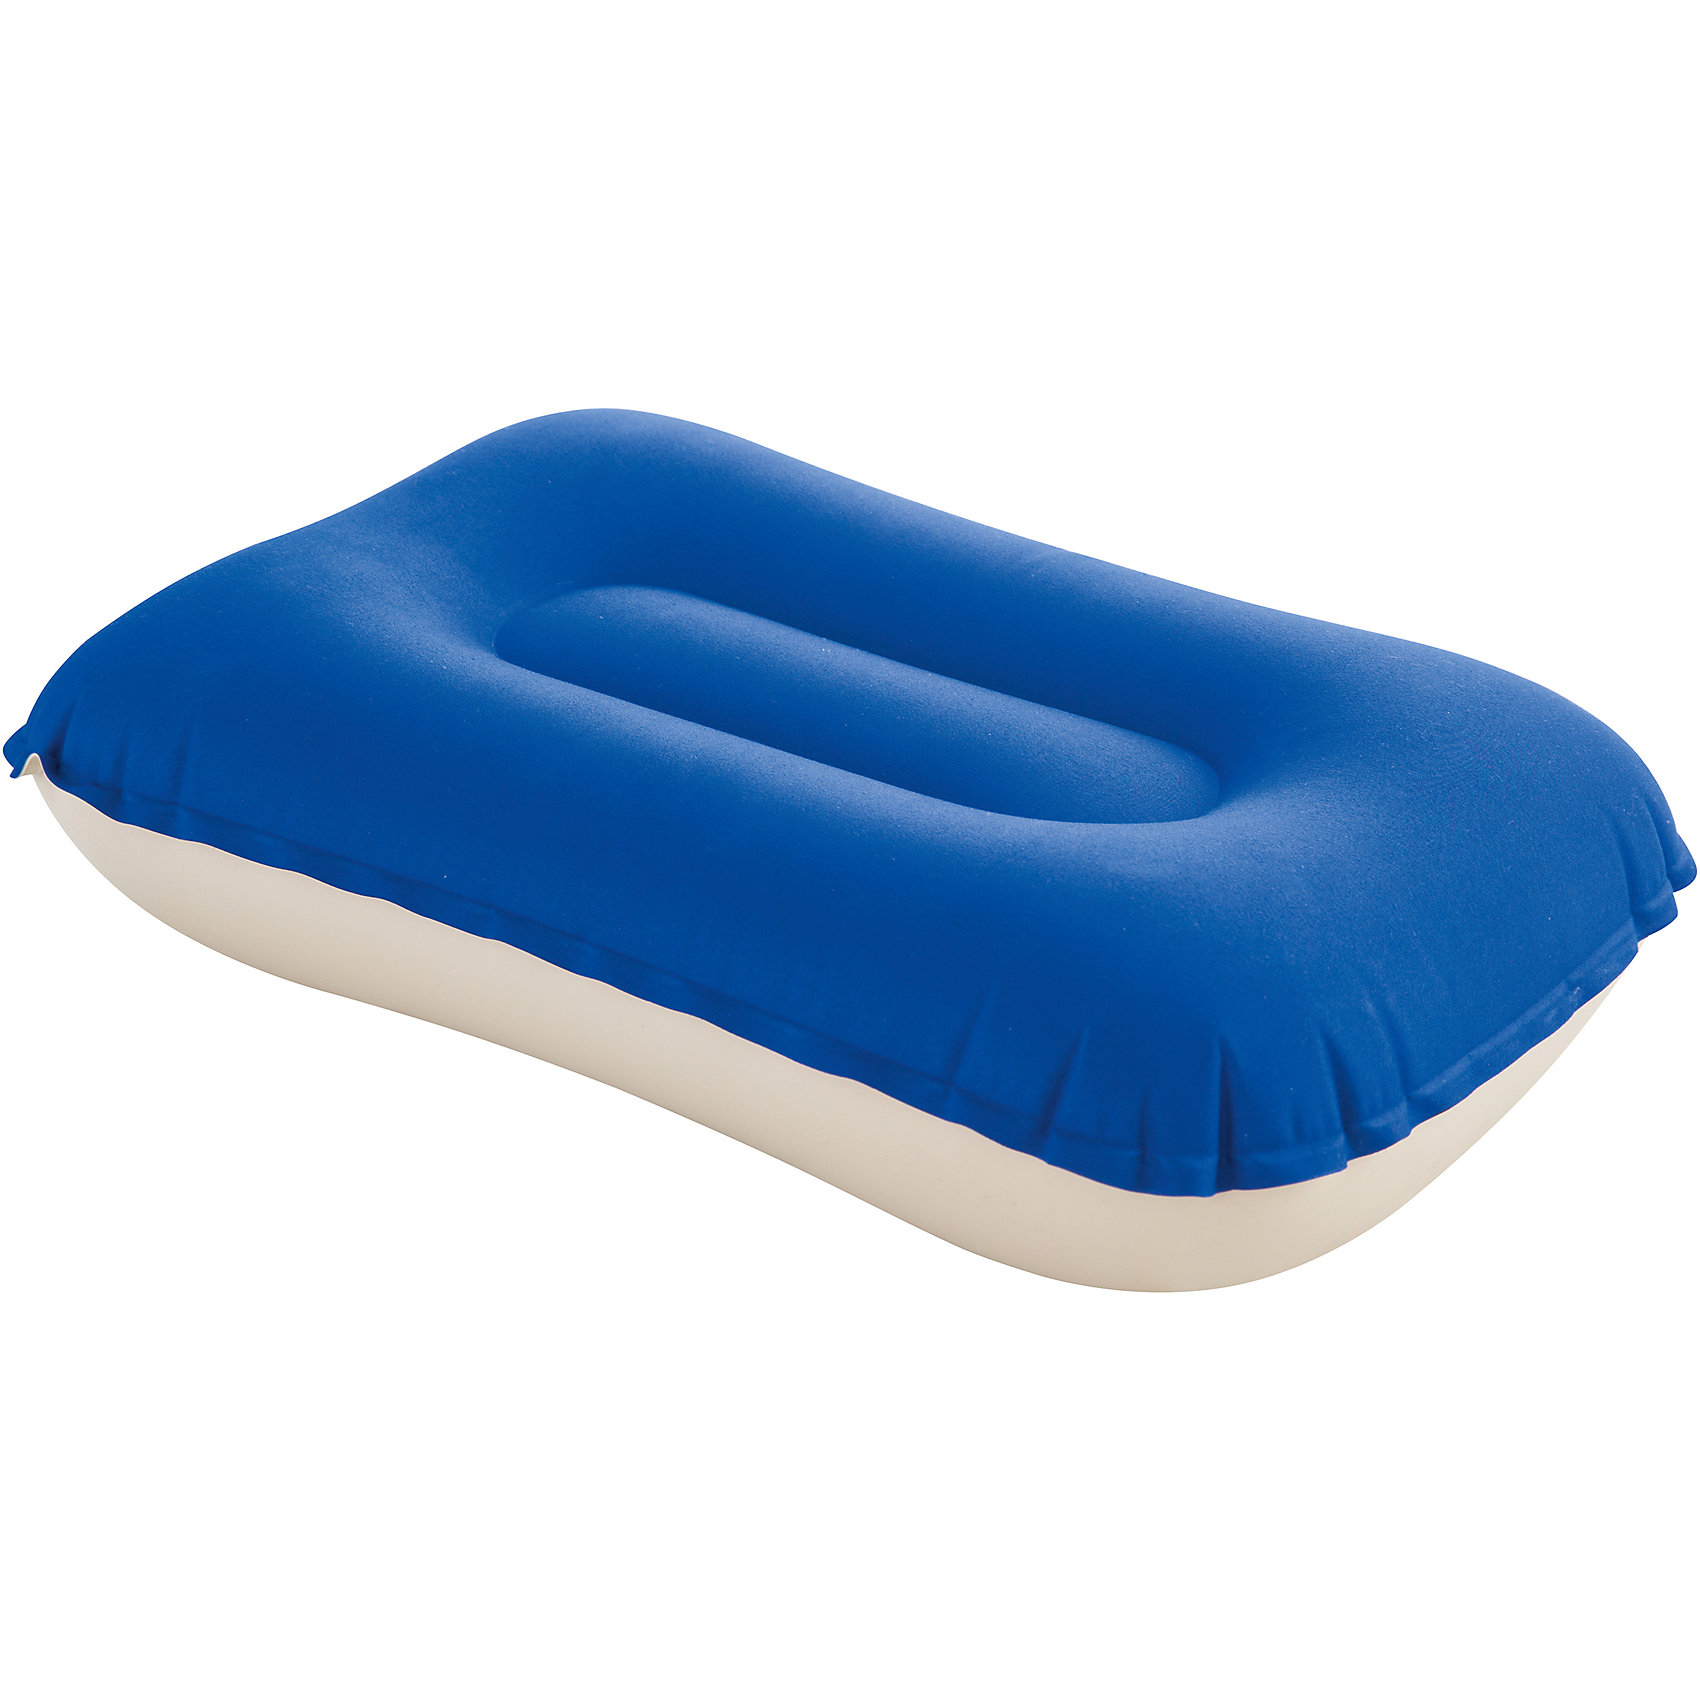 Подушка надувная с тканевым покрытием, BestwayПодушка надувная с тканевым покрытием, Bestway (Бествей)<br><br>Характеристики:<br><br>• приятная на ощупь<br>• легко чистится<br>• не скользит<br>• гипоаллергенная<br>• материал покрытия: искусственная ткань<br>• материла подушки: винил<br>• размер: 48х30 см<br>• вес: 158 грамм<br><br>Подушка Bestway позаботится о вашем комфорте во время поездки. Подушка изготовлена из прочного винила и покрыта искусственной тканью. Поверхность мягкая и приятная на ощупь. Она не скользит, не вызывает раздражения кожи и легко очищается в случае необходимости. <br><br>Подушку надувную с тканевым покрытием, Bestway (Бествей) вы можете купить в нашем интернет-магазине.<br><br>Ширина мм: 360<br>Глубина мм: 300<br>Высота мм: 260<br>Вес г: 158<br>Возраст от месяцев: 72<br>Возраст до месяцев: 2147483647<br>Пол: Унисекс<br>Возраст: Детский<br>SKU: 5486934